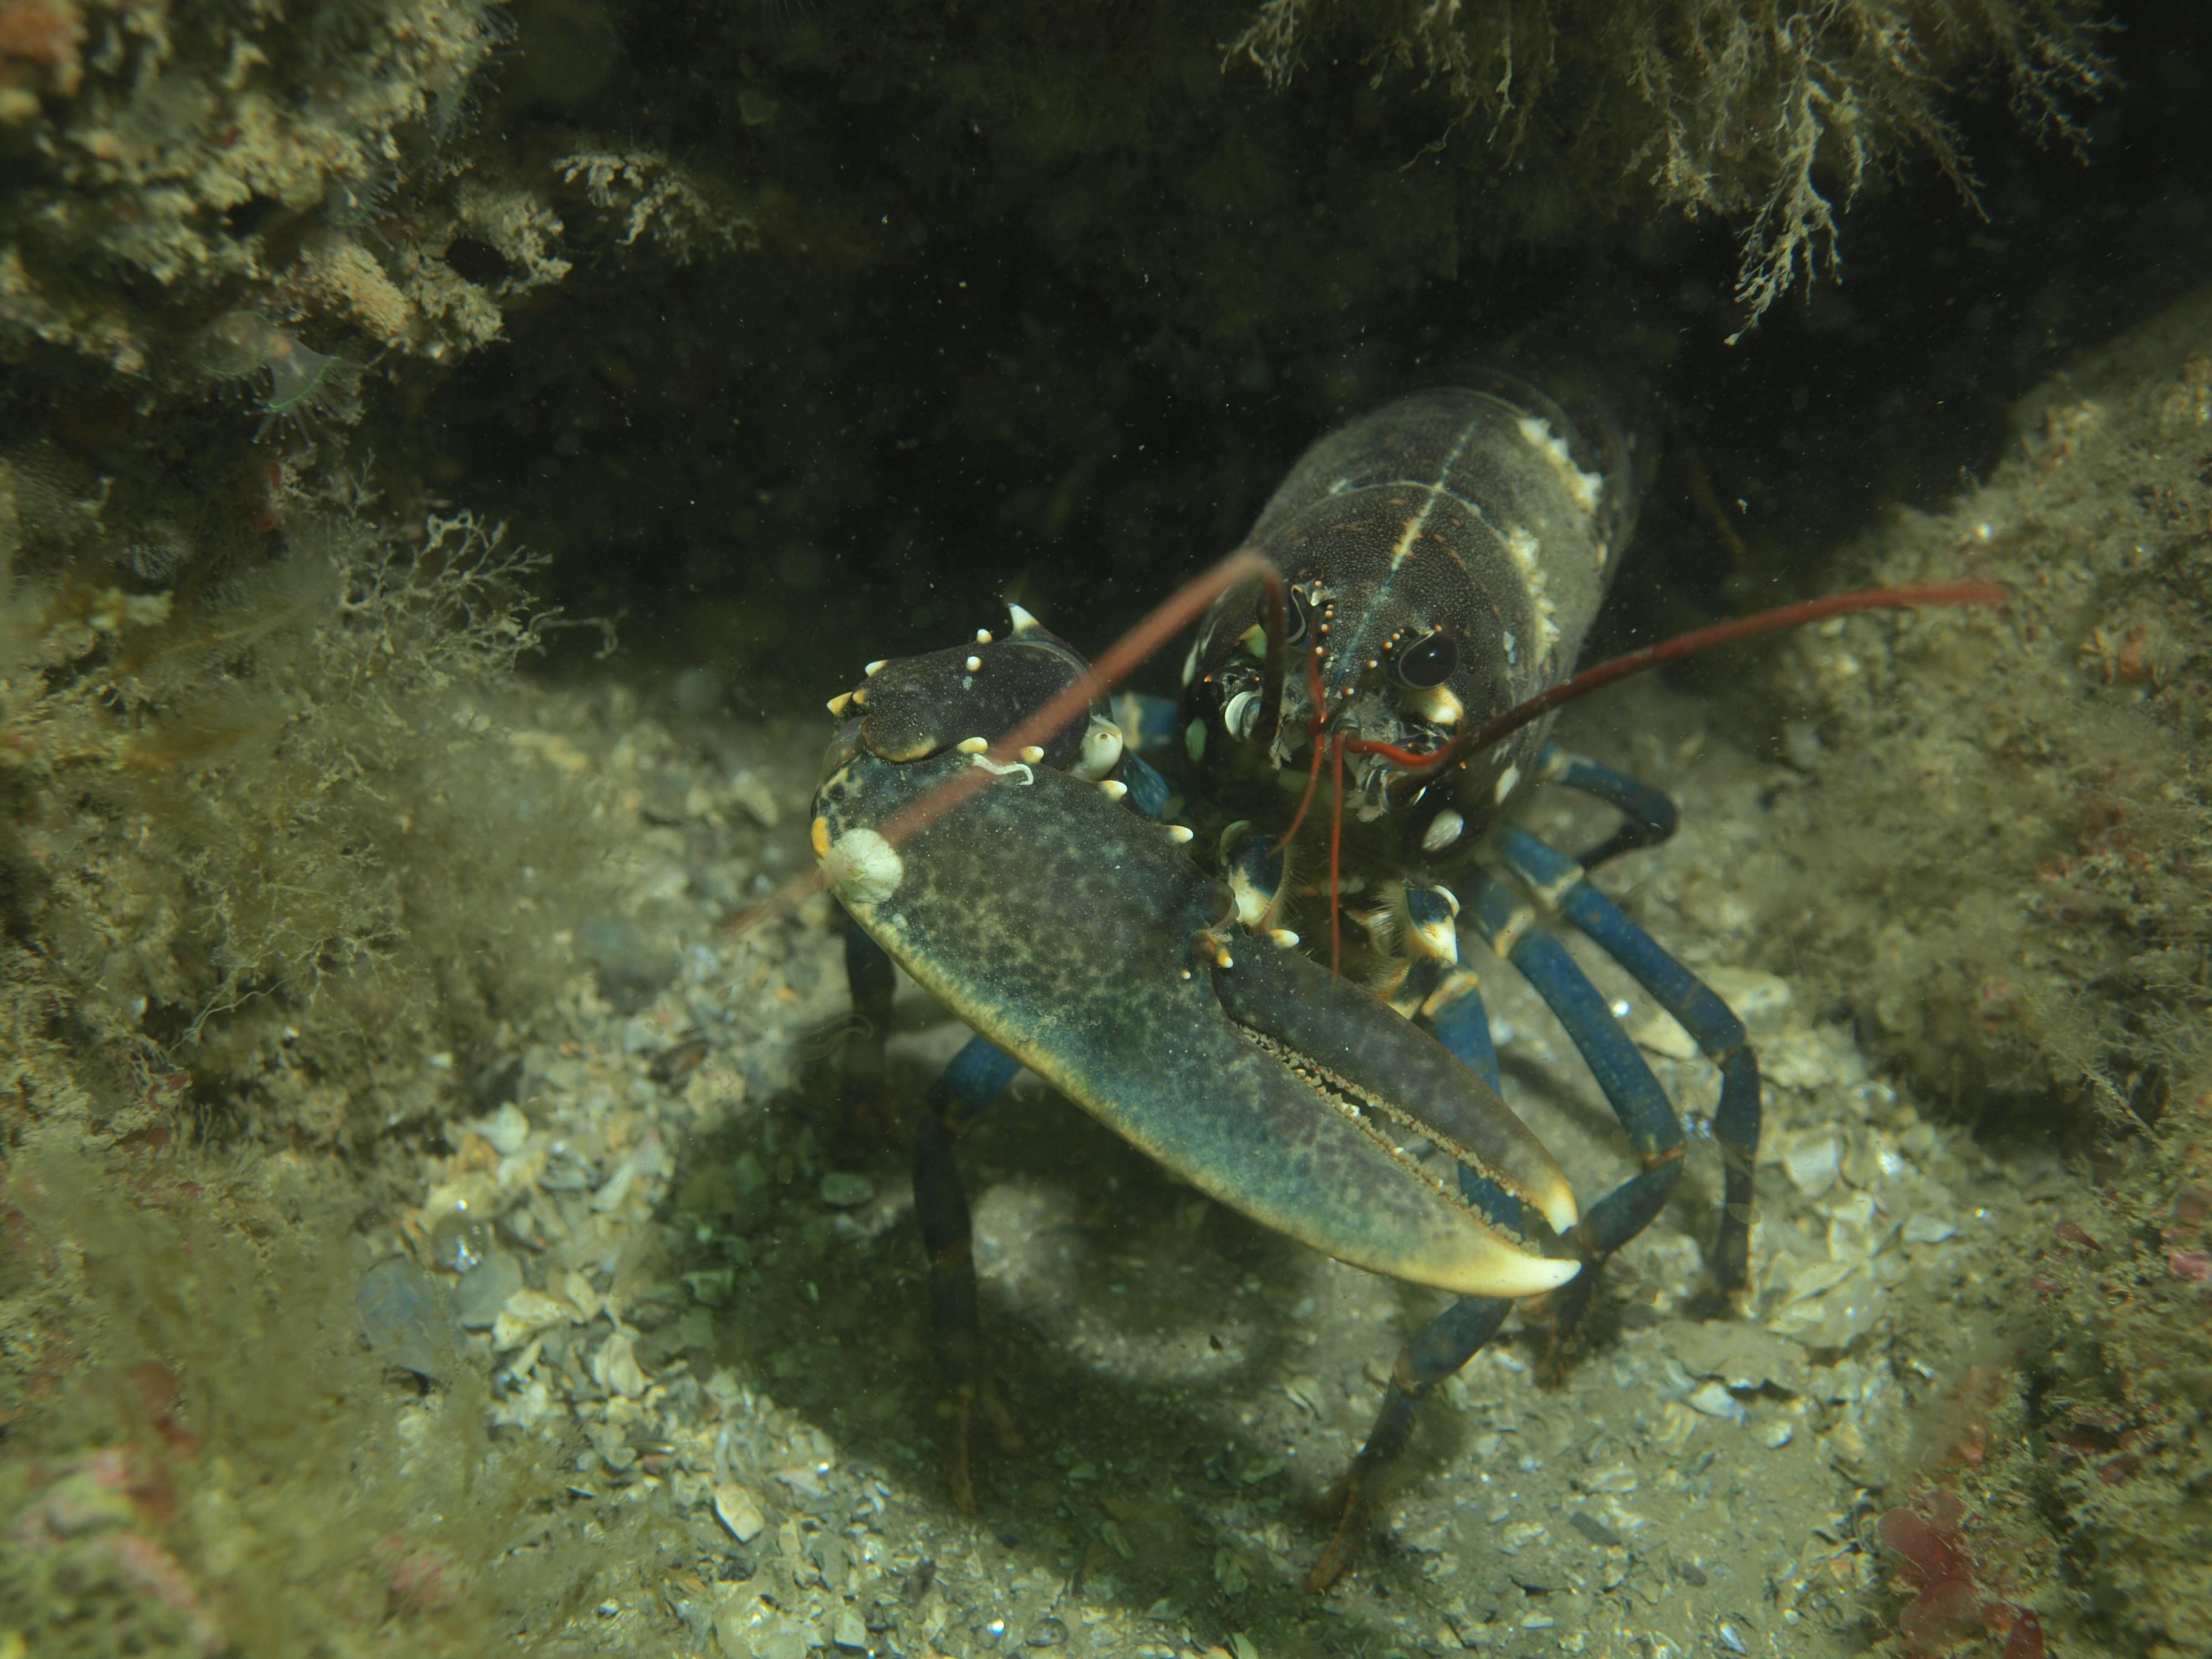 UK Diving 2013